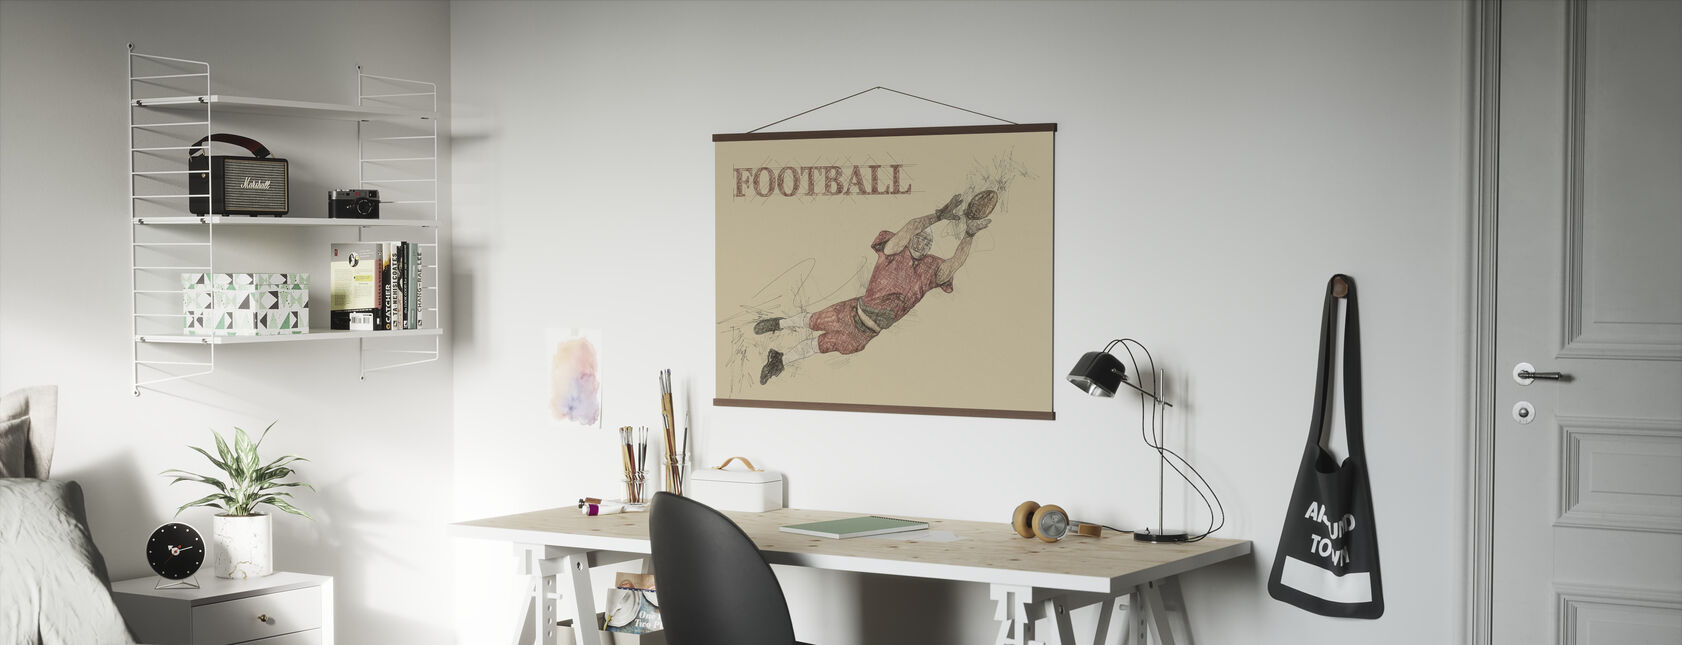 Fotball - Plakat - Kontor